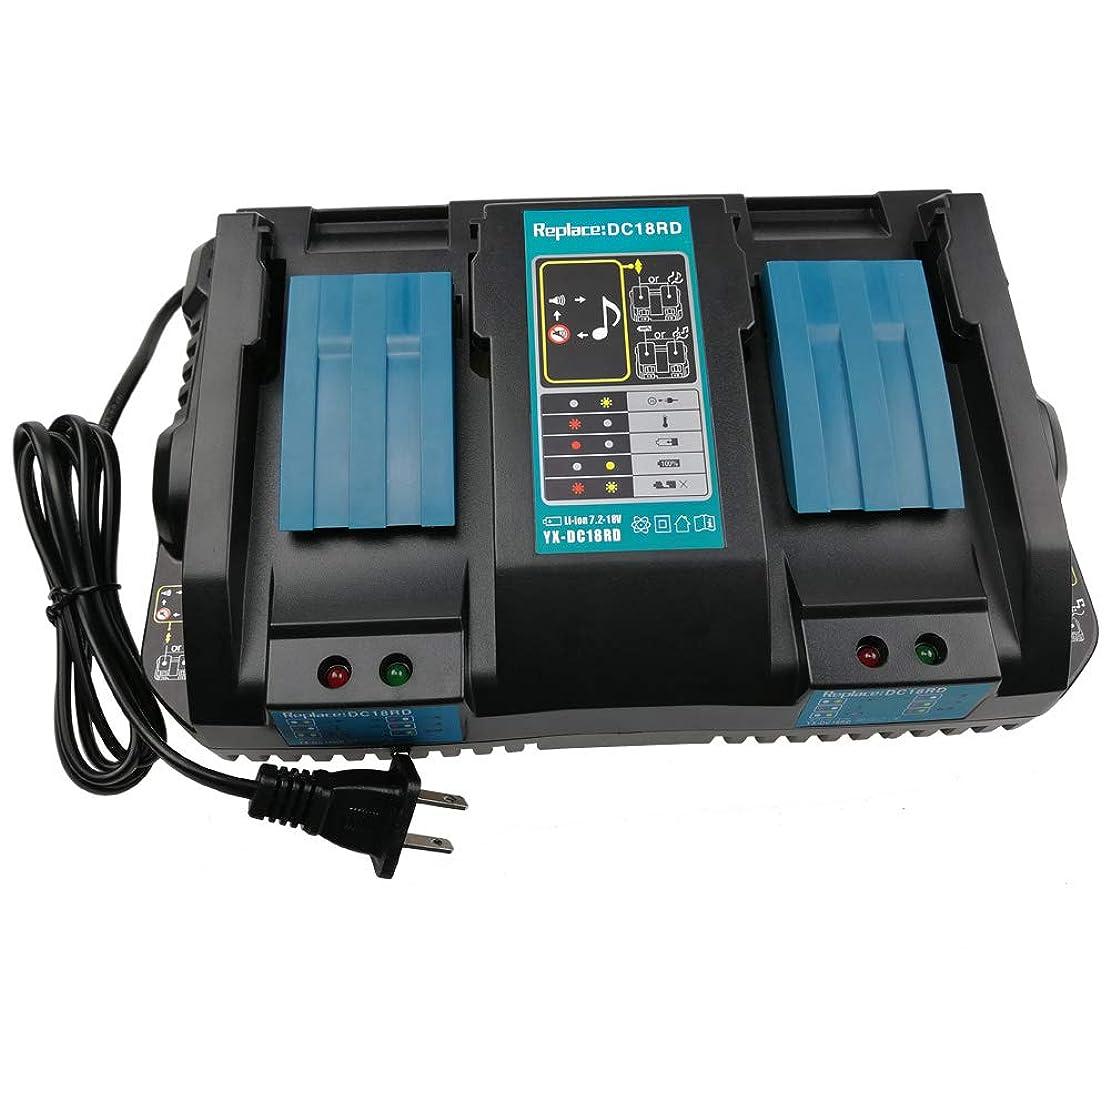 人に関する限りカウボーイ重荷HiKOKI(旧日立工機) 18V コードレスラジオ付テレビ 充電式 Bluetooth機能搭載 AC100V使用可 リチウムイオン電池、充電器付 UR18DSML(LSG)